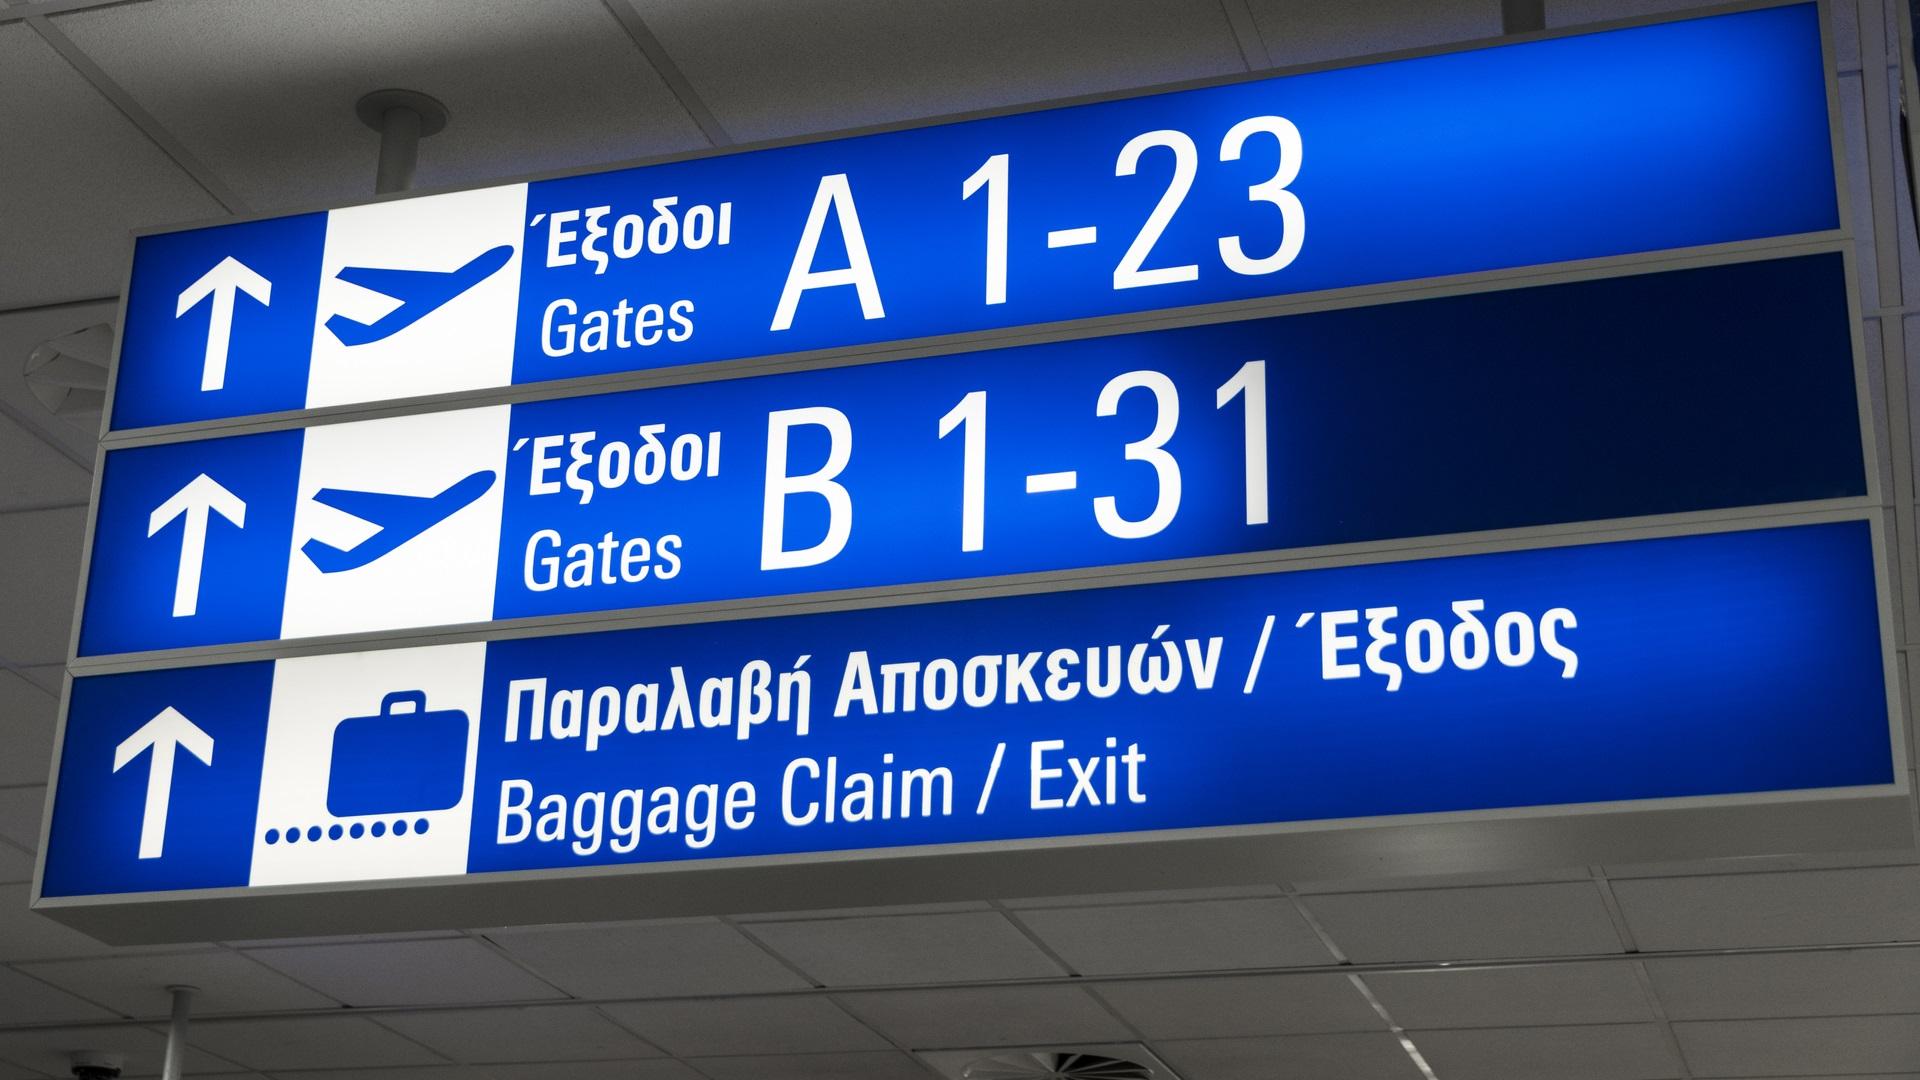 Υγειονομικά πρωτόκολλα και αυστηροί κανόνες στα αεροδρόμια Αθήνας – Θεσσαλονίκης